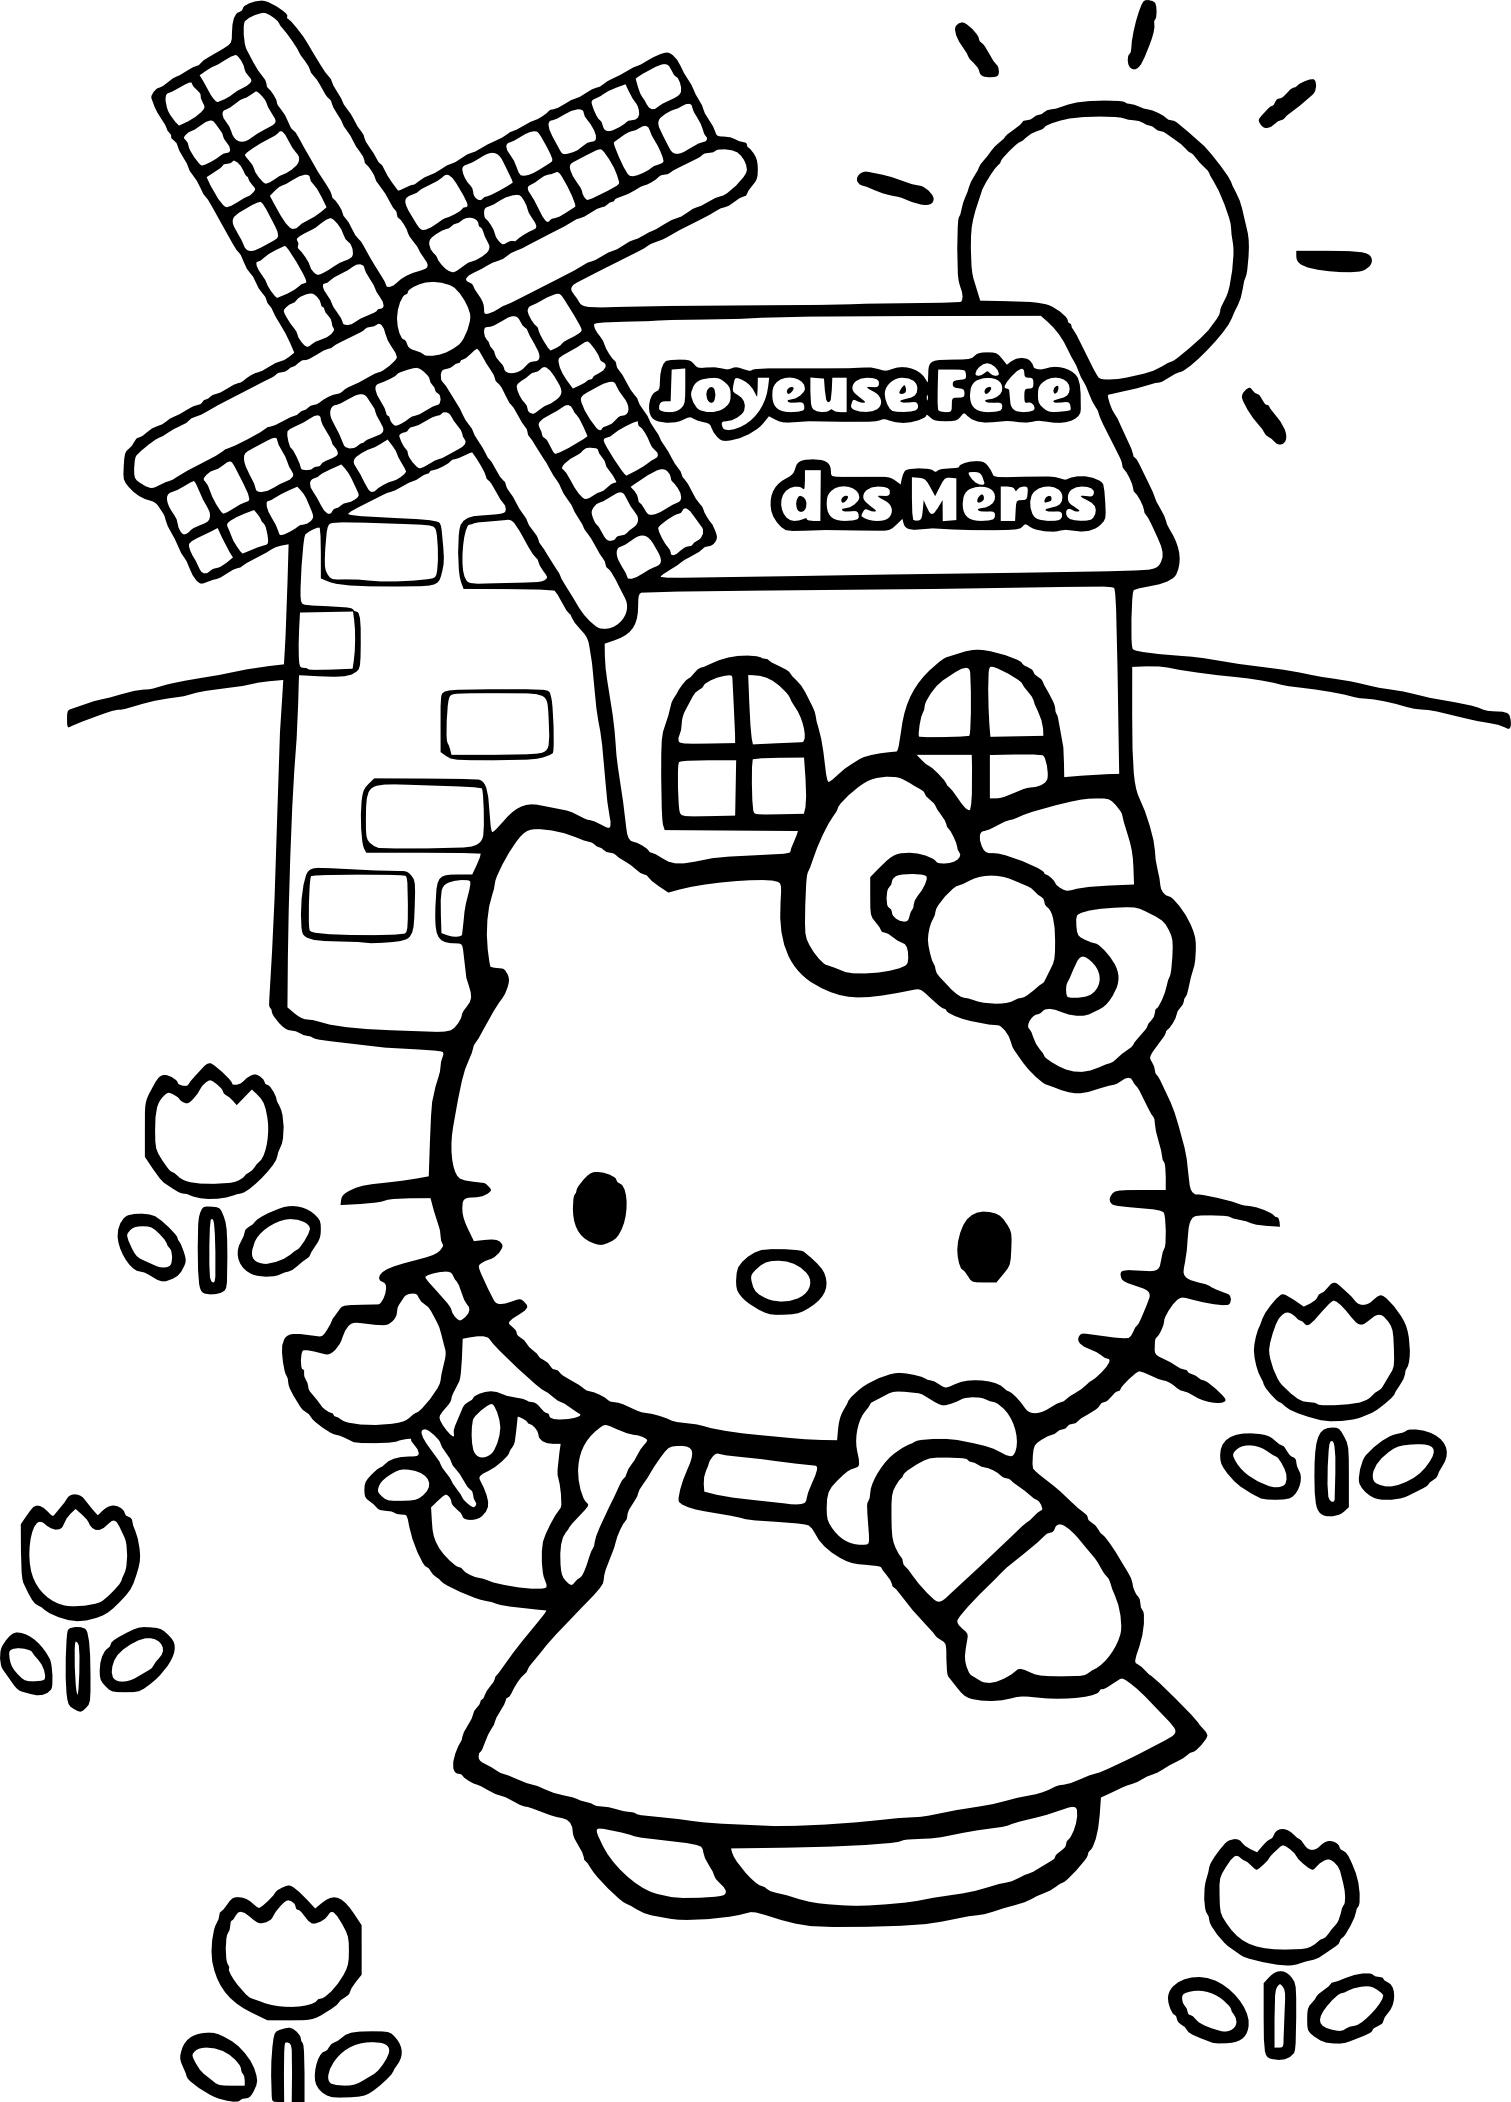 Coloriage Hello Kitty Fete Des Meres À Imprimer à Image A Colorier Gratuit A Imprimer